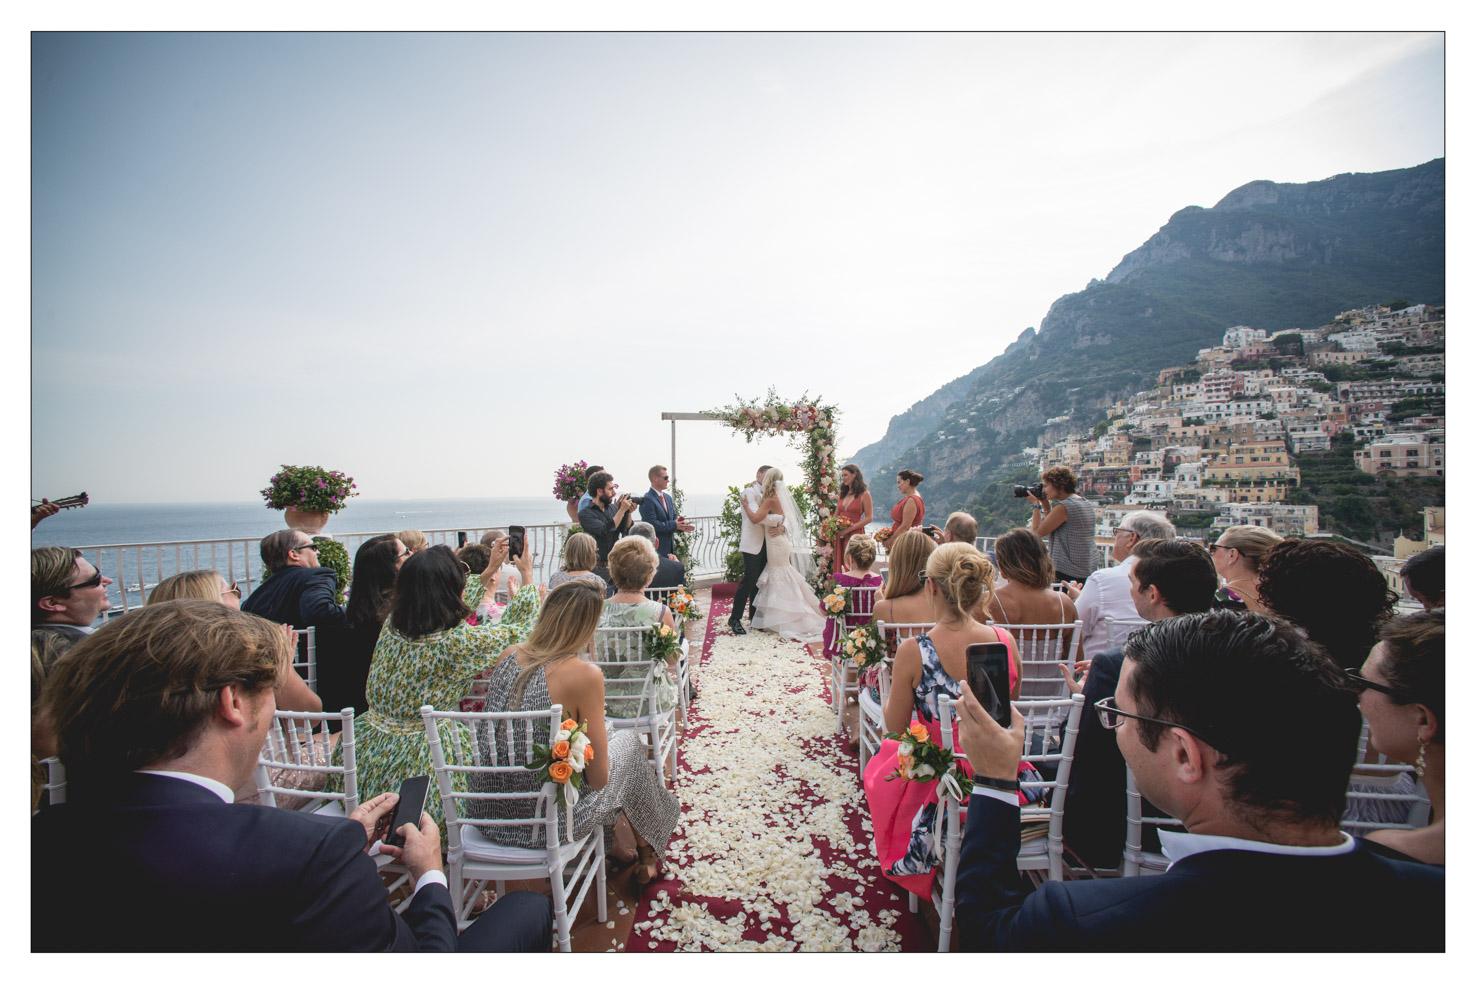 Wedding in Positano Amalfi coast